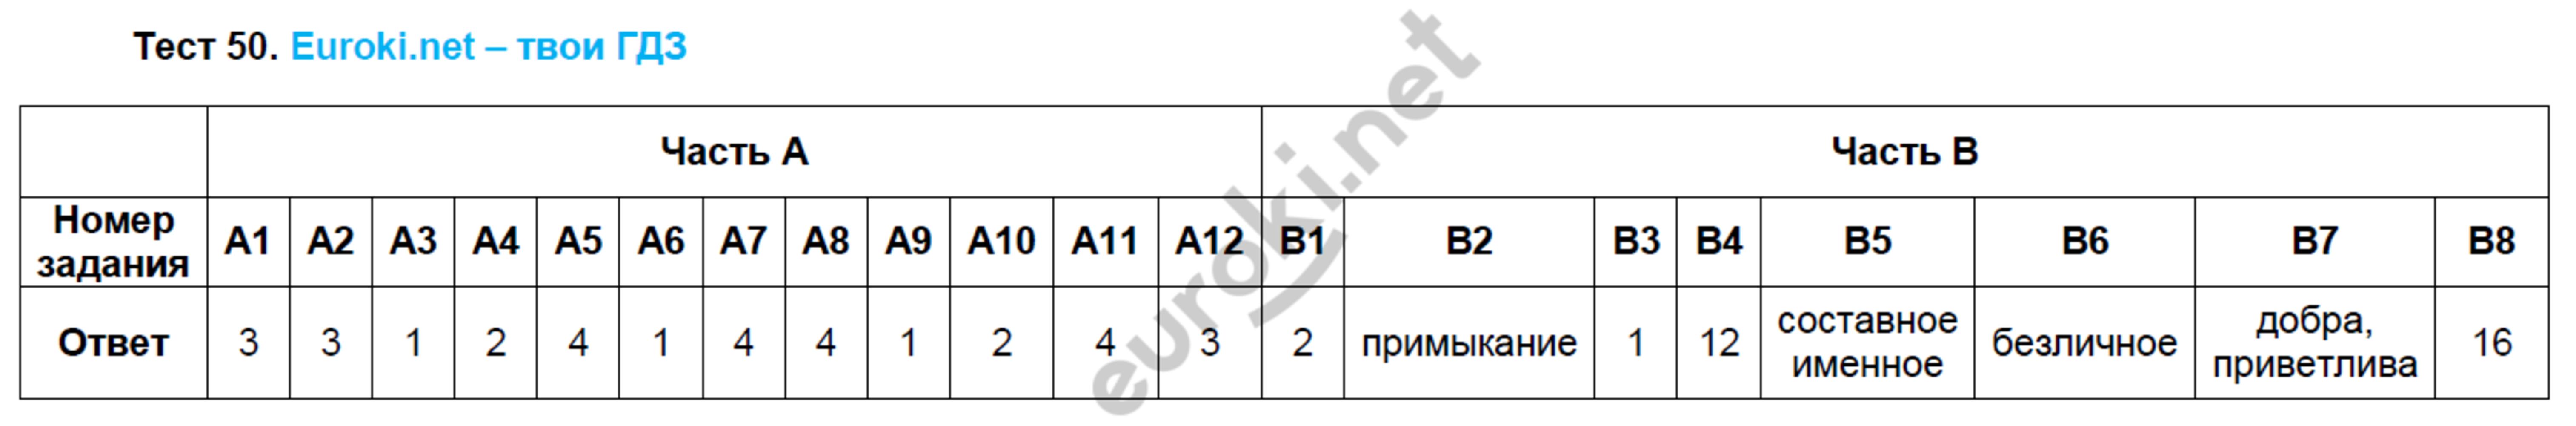 ГДЗ по русскому языку 8 класс тесты Груздева, Разумовская. Задание: Тест 50